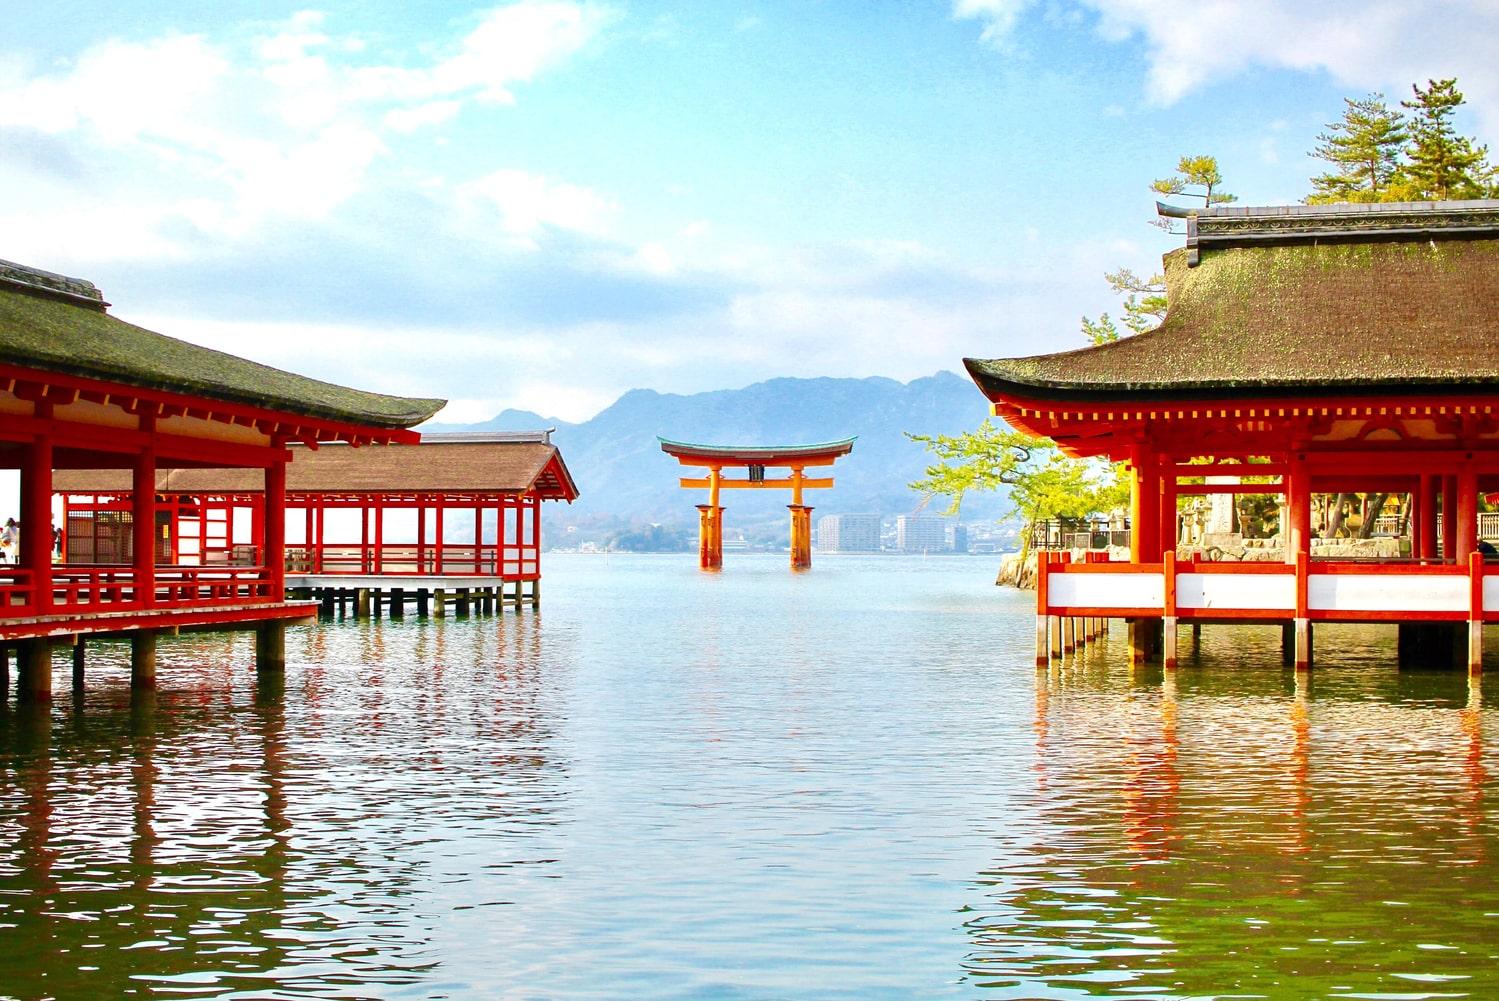 広島のおすすめバリアフリー観光スポット7選。